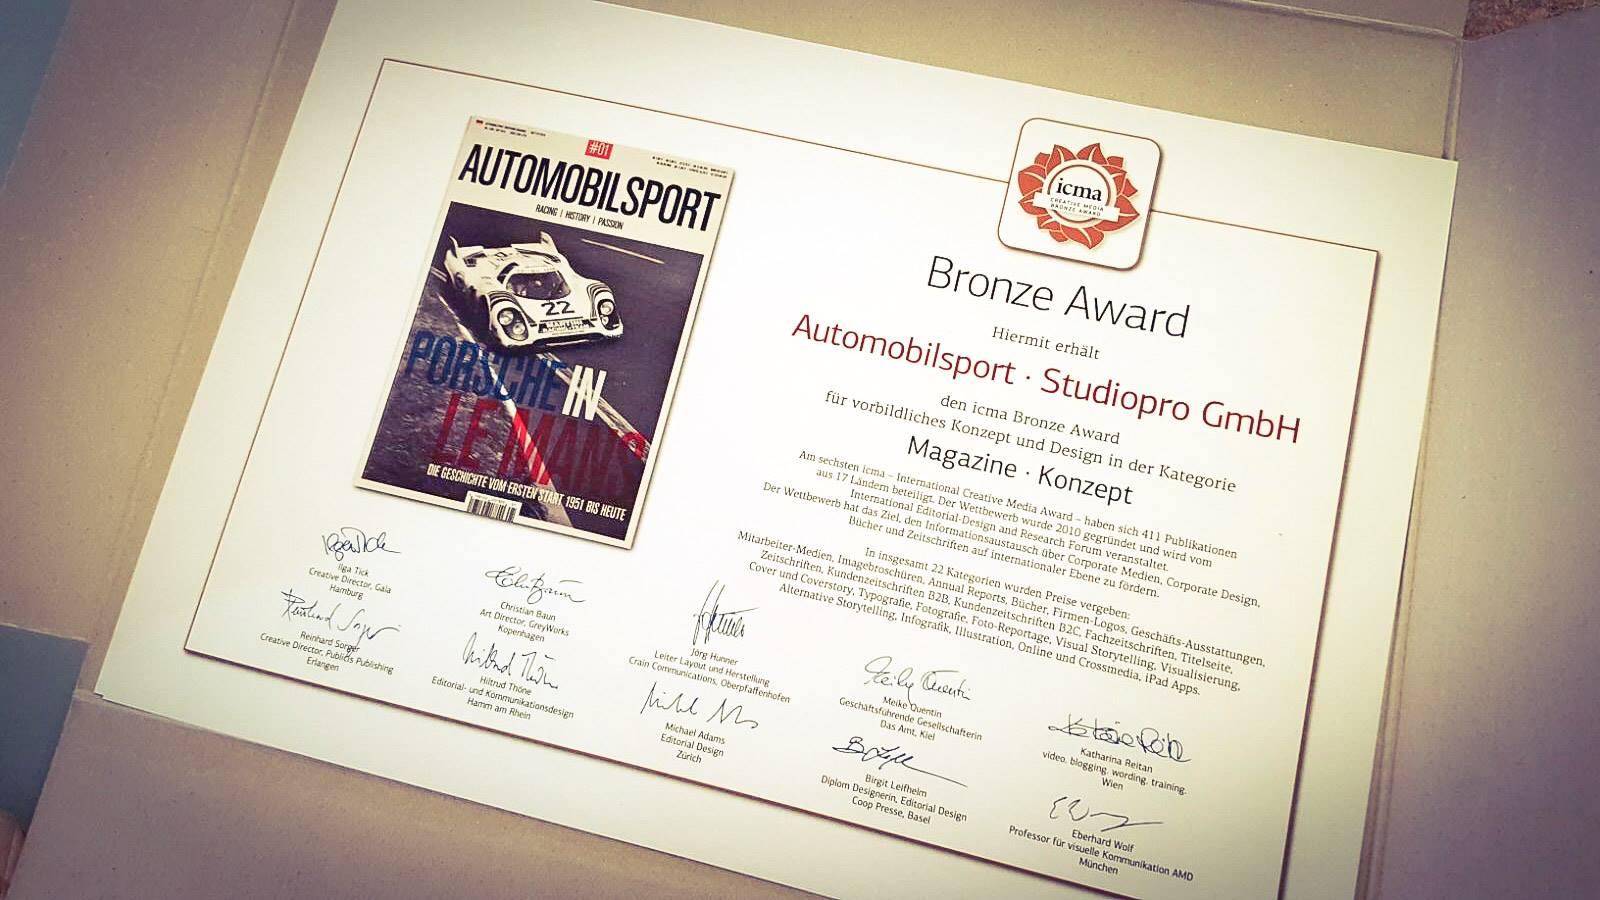 icma Award für das Automobilsport Magazin der Studiopro GmbH